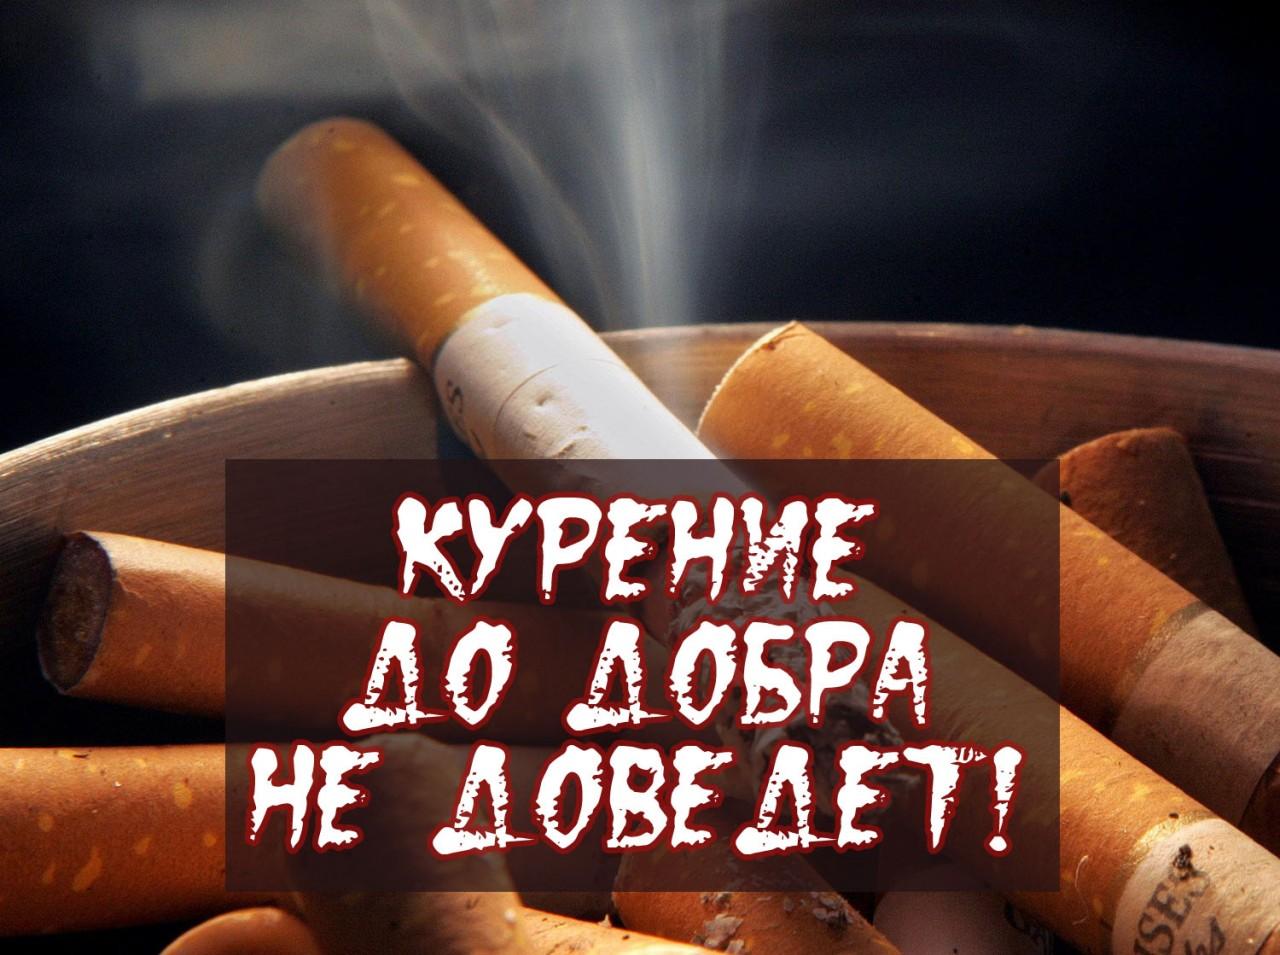 Картинки по курению в хорошем качестве